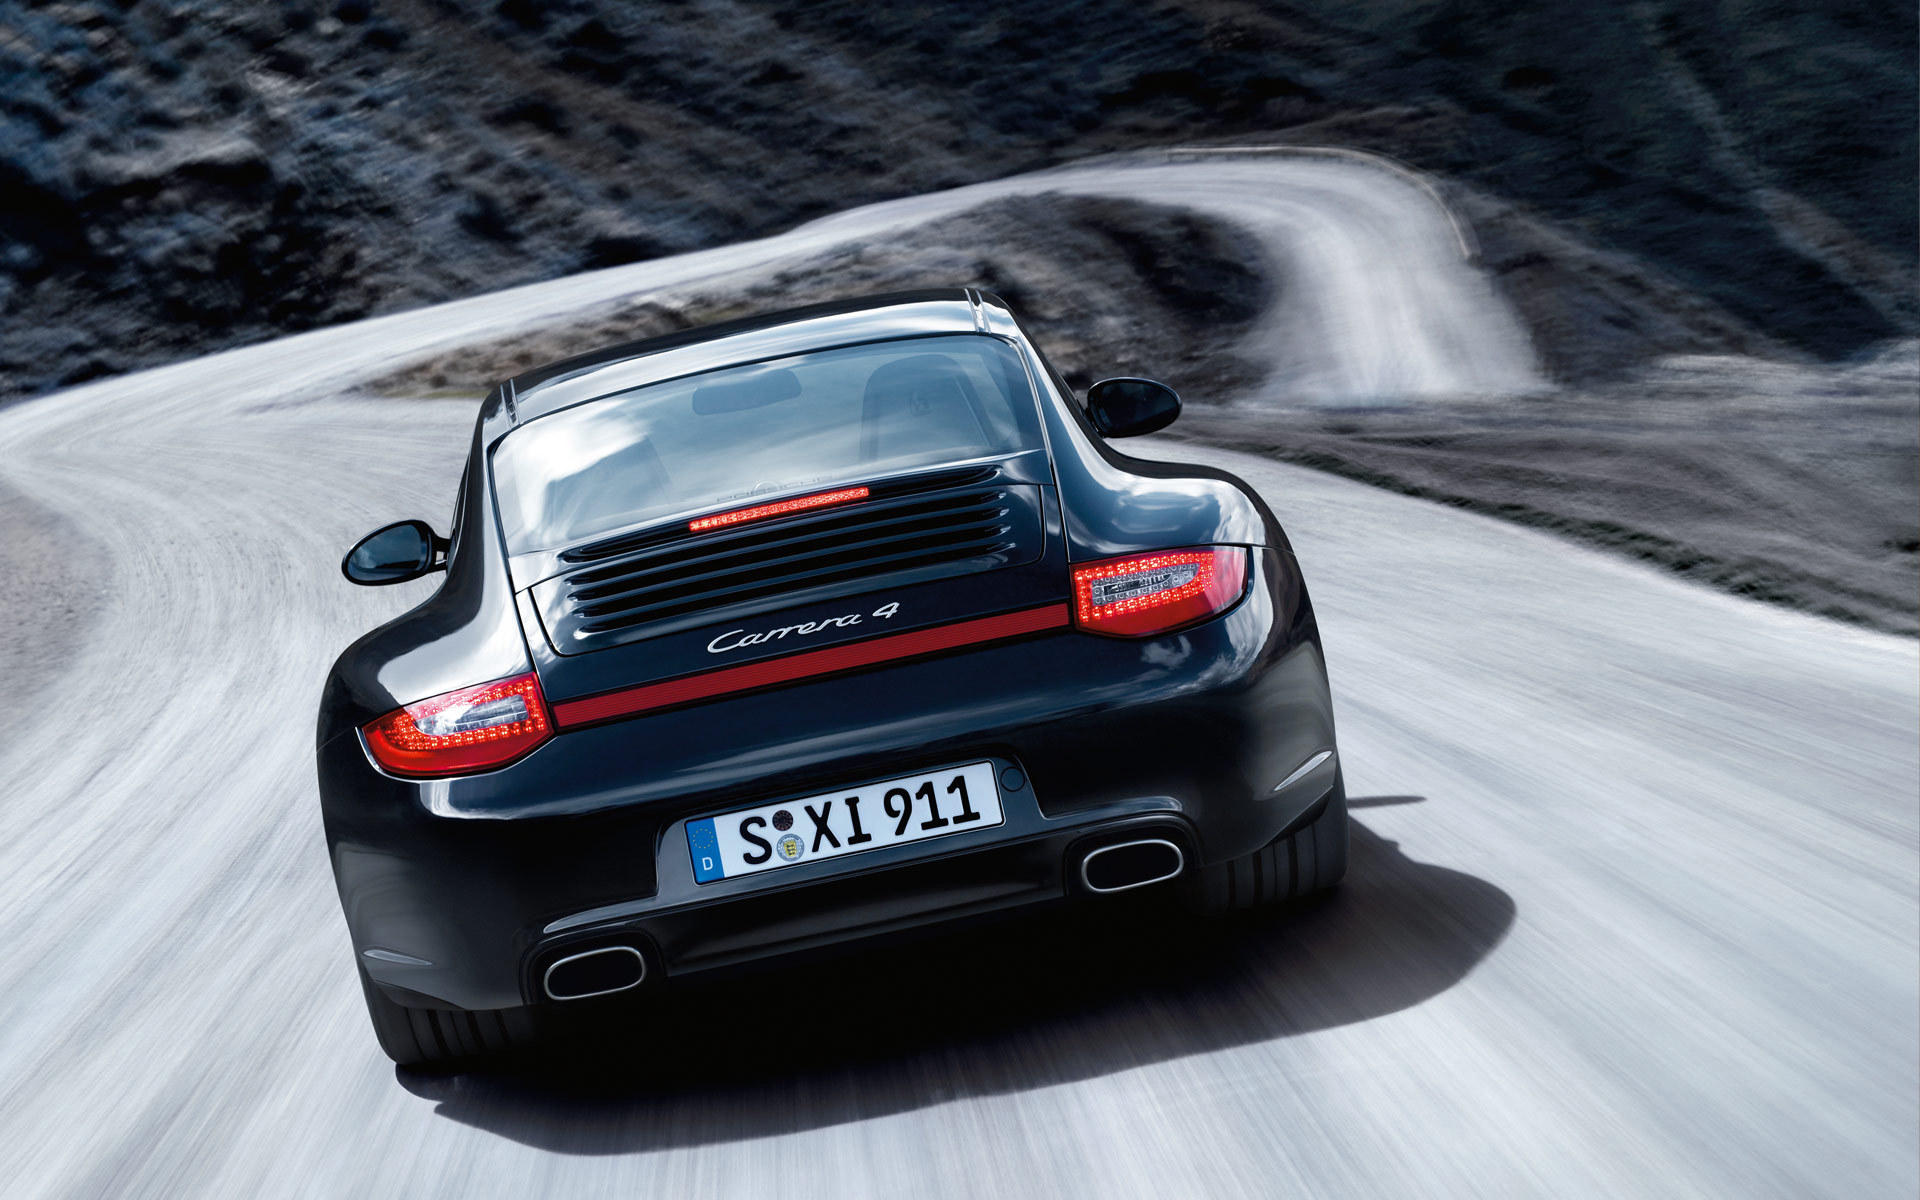 26060 скачать обои Транспорт, Машины, Порш (Porsche) - заставки и картинки бесплатно